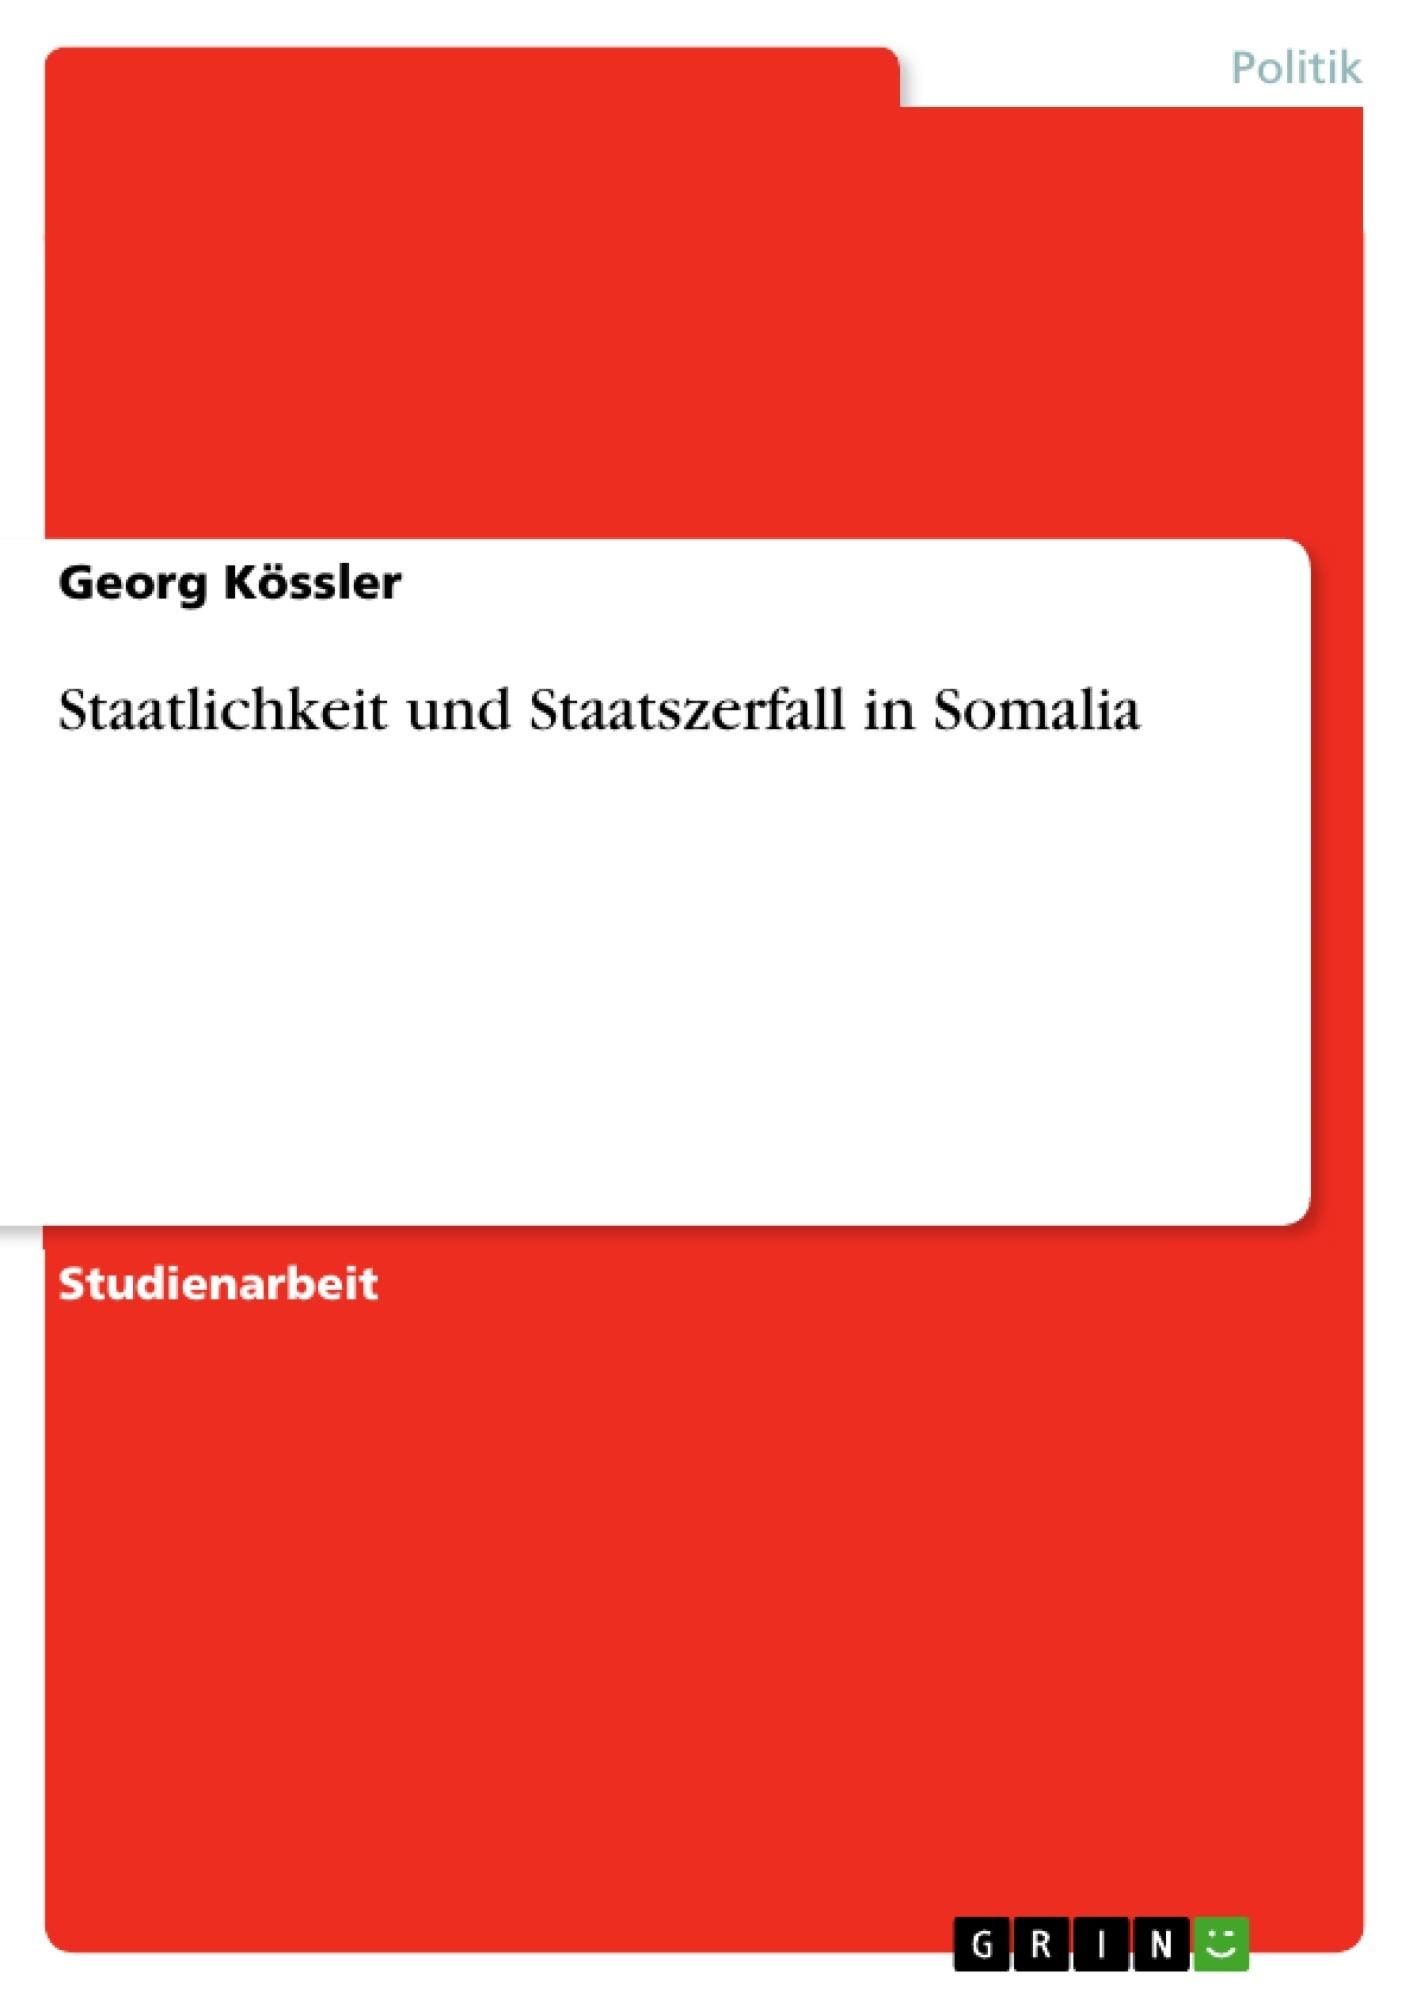 Titel: Staatlichkeit und Staatszerfall in Somalia